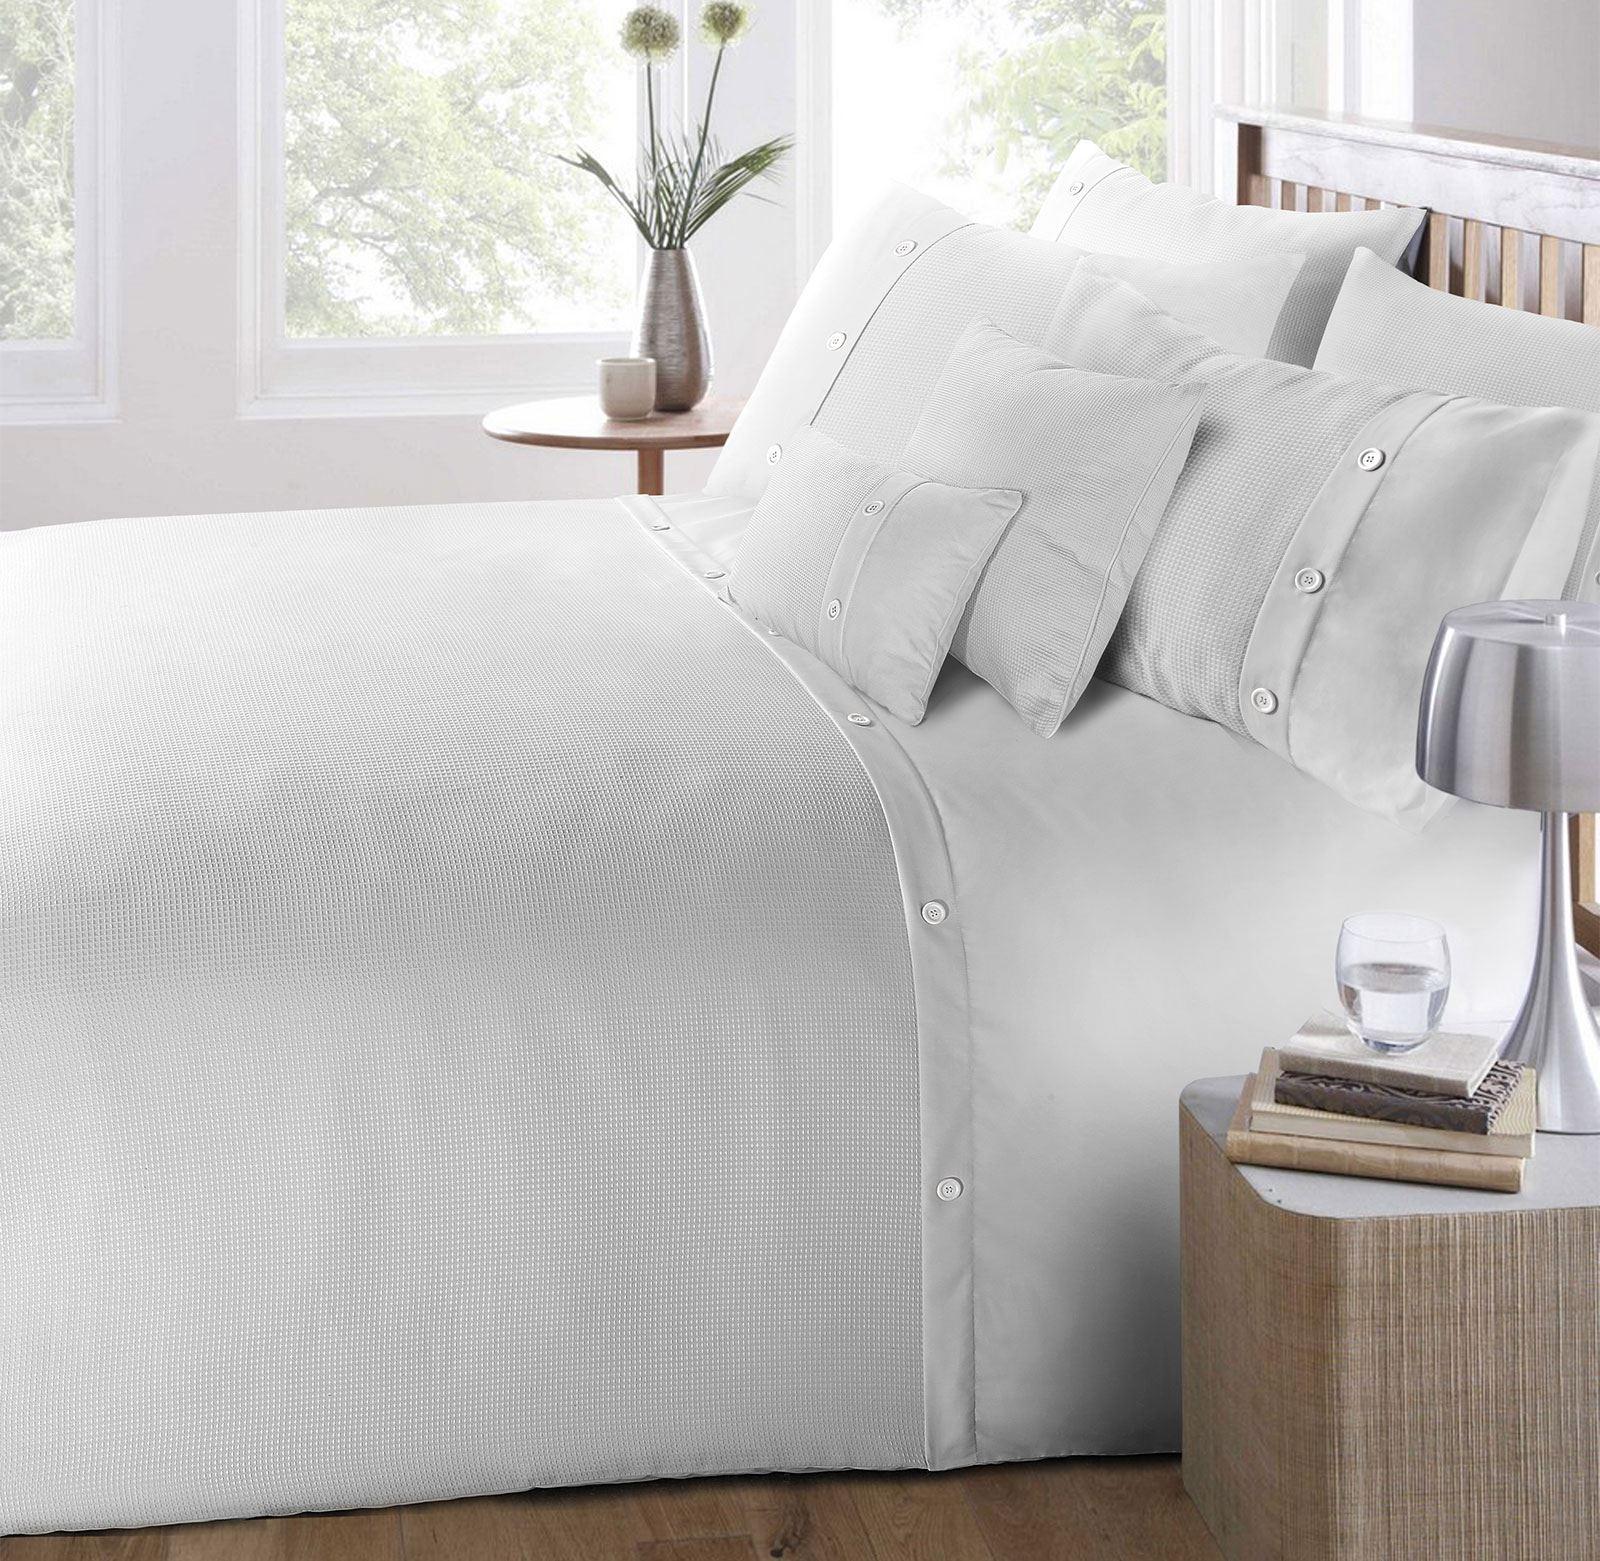 100-Algodon-Cuidado-facil-cubierta-del-edredon-edredon-multicolor-nuevo-conjunto-de-ropa-de-cama miniatura 22